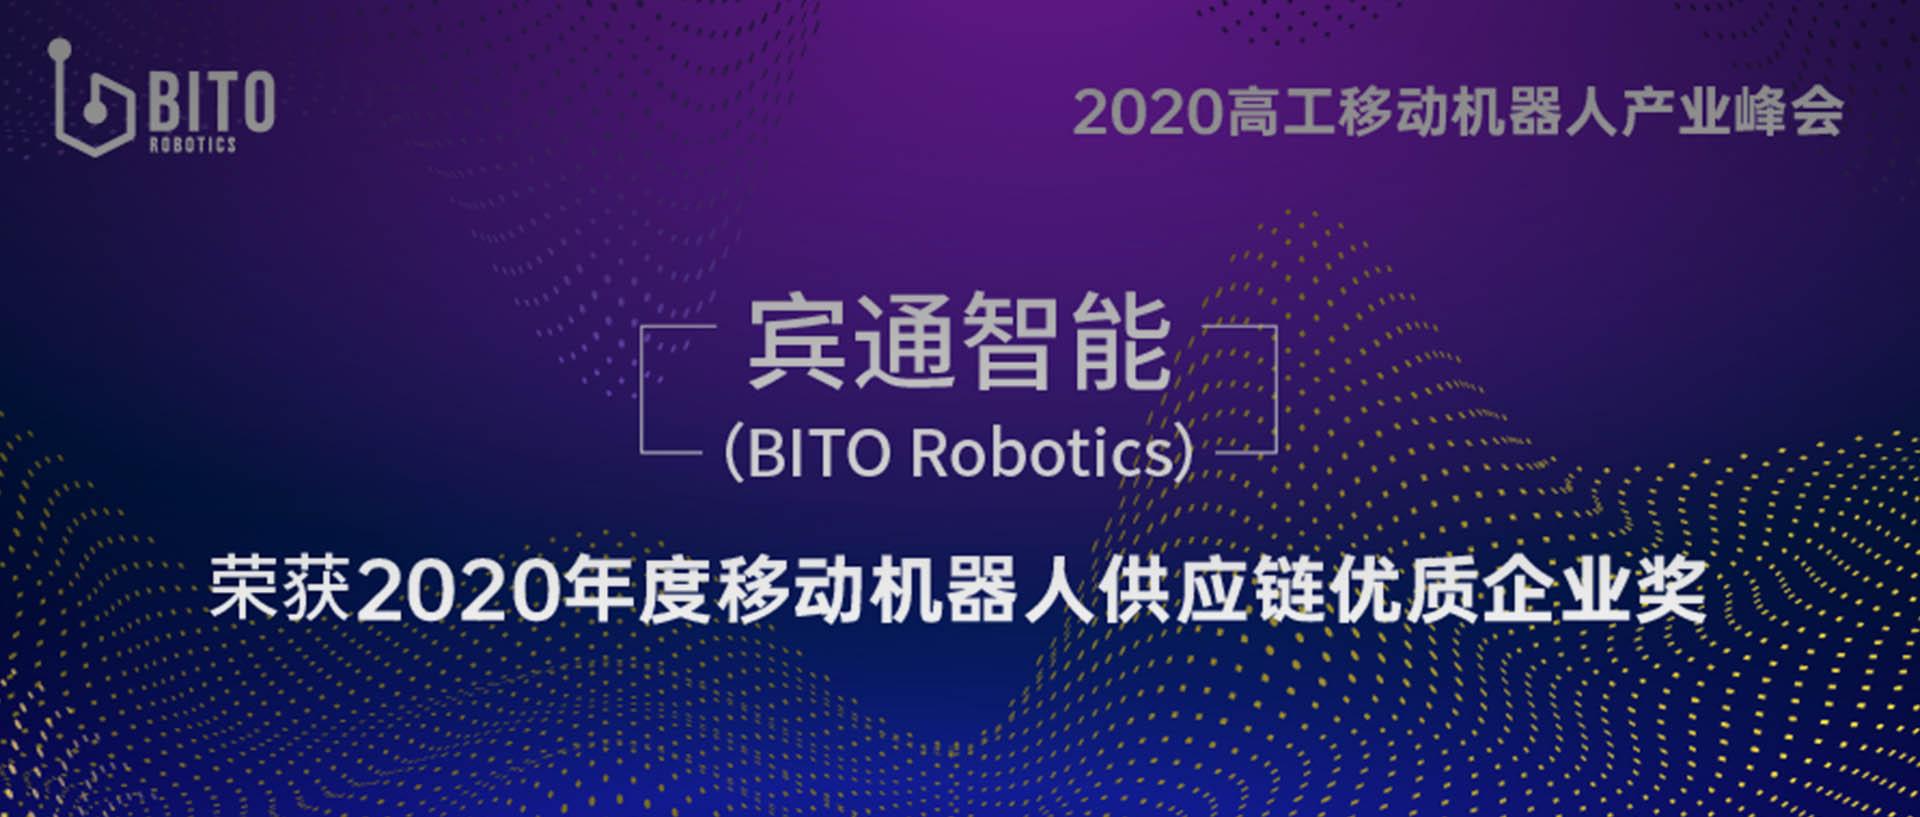 祝贺!又获奖!宾通智能(BITO Robotics)荣获2020年度移动机器人供应链优质企业奖